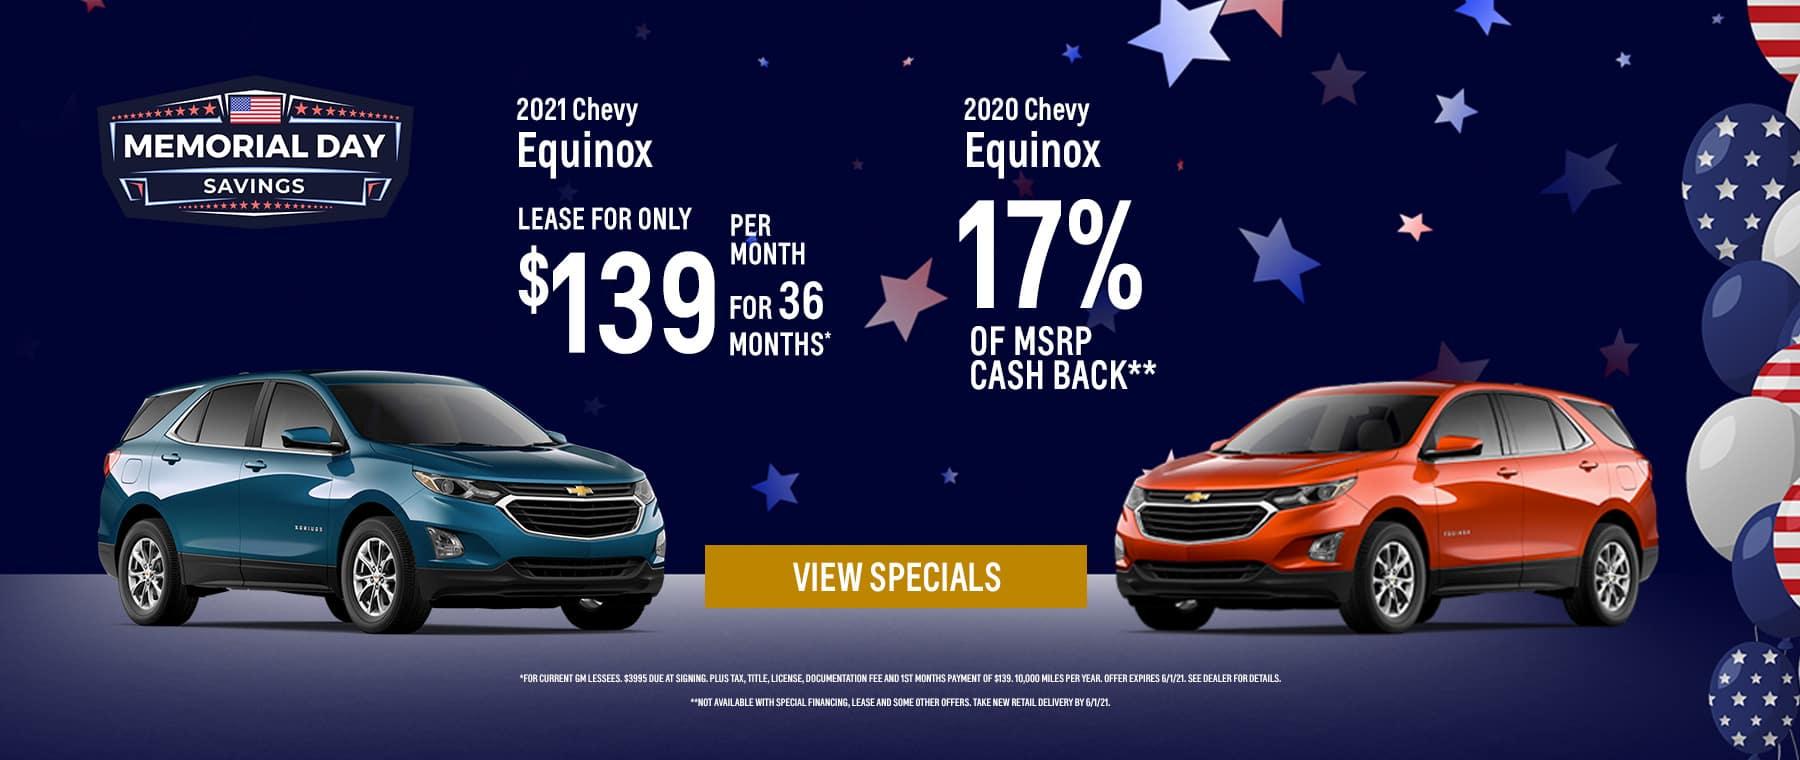 chevy equinox-1800×760-may21